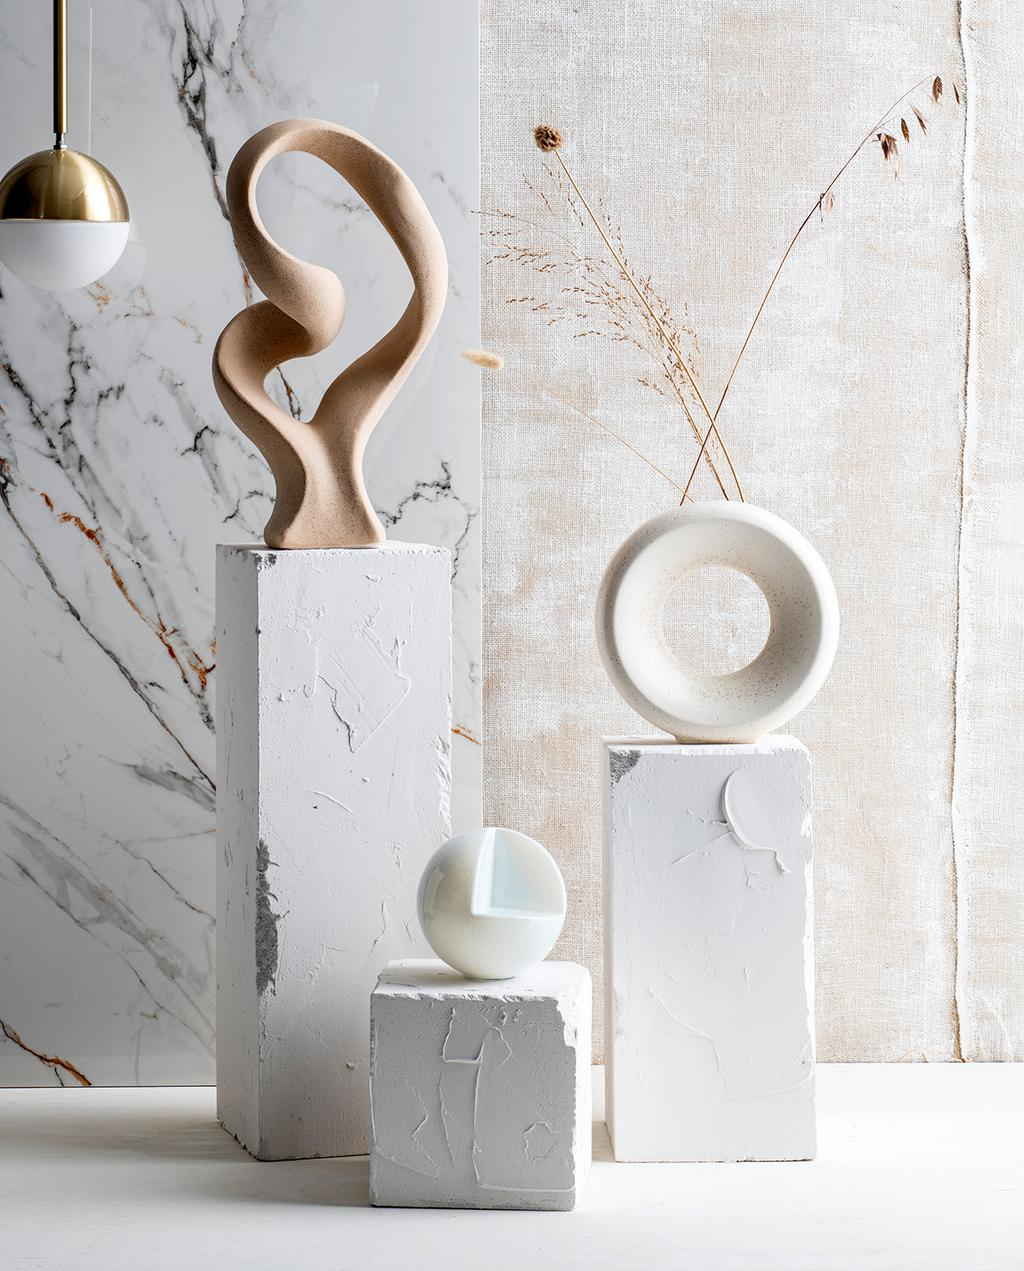 vtwonen 07-2021 | de kunstzuilen naast elkaar eindbeeld met drie ornamenten erop